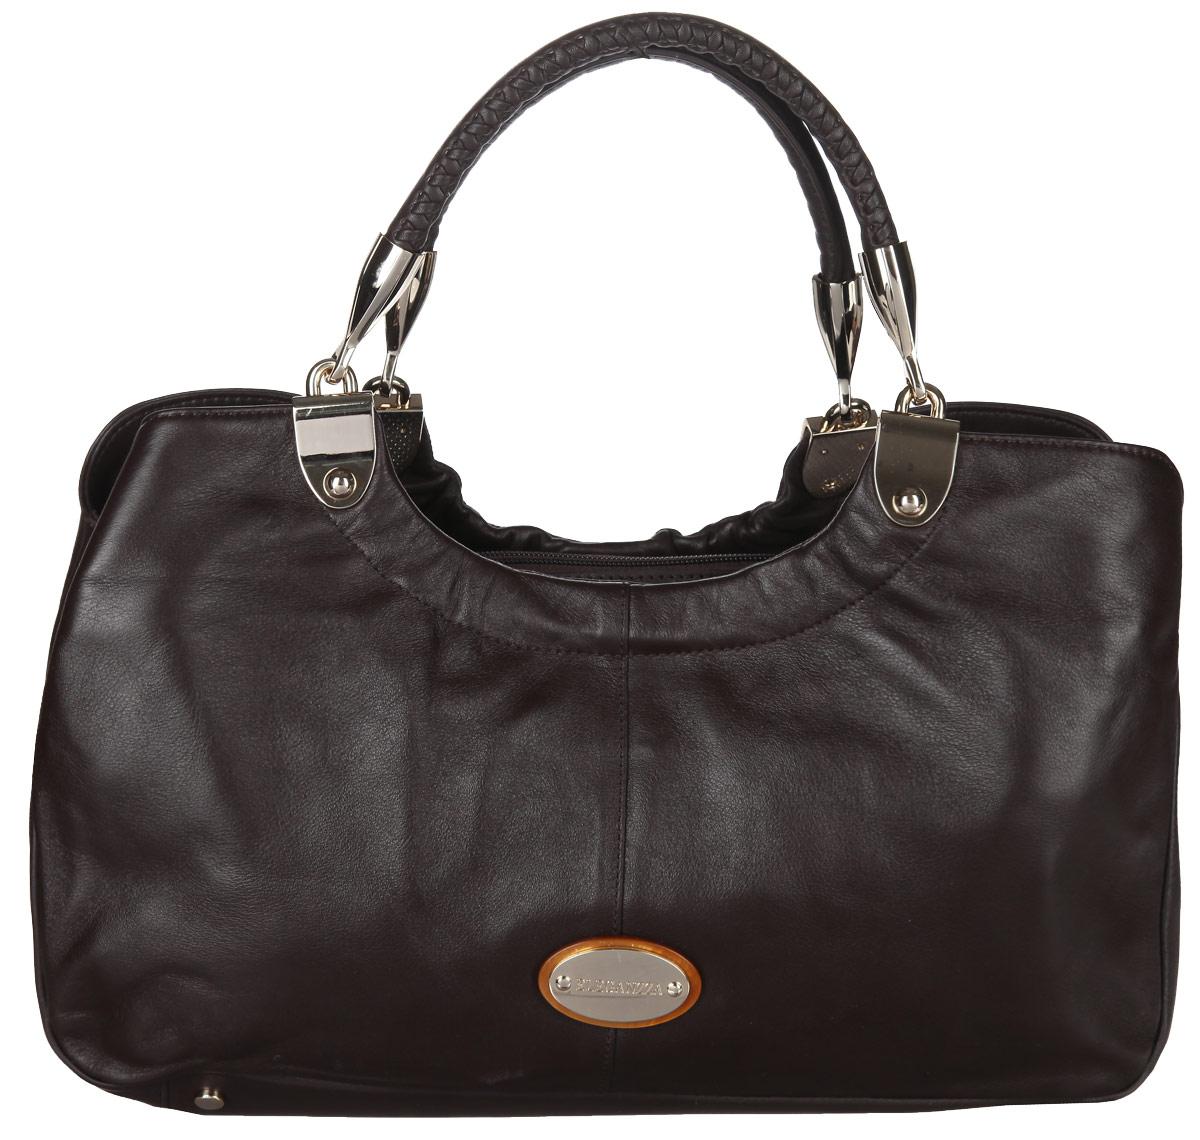 Сумка женская Eleganzza, цвет: коричневый. ZB-5318ZB-5318Стильная сумка Eleganzza изготовлена из натуральной кожи с зернистой фактурой, оформлена металлической фурнитурой с символикой бренда. Изделие содержит три отделения, два из которых закрываются на магнитные кнопки, а третье на застежку-молнию. Внутри расположен врезной карман на молнии. Изделие оснащено двумя практичными ручками, которые оформлены металлической фурнитурой и съемным плечевым ремнем регулируемой длины. Дно изделия дополнено металлическими ножками. Оригинальный аксессуар позволит вам завершить образ и быть неотразимой.